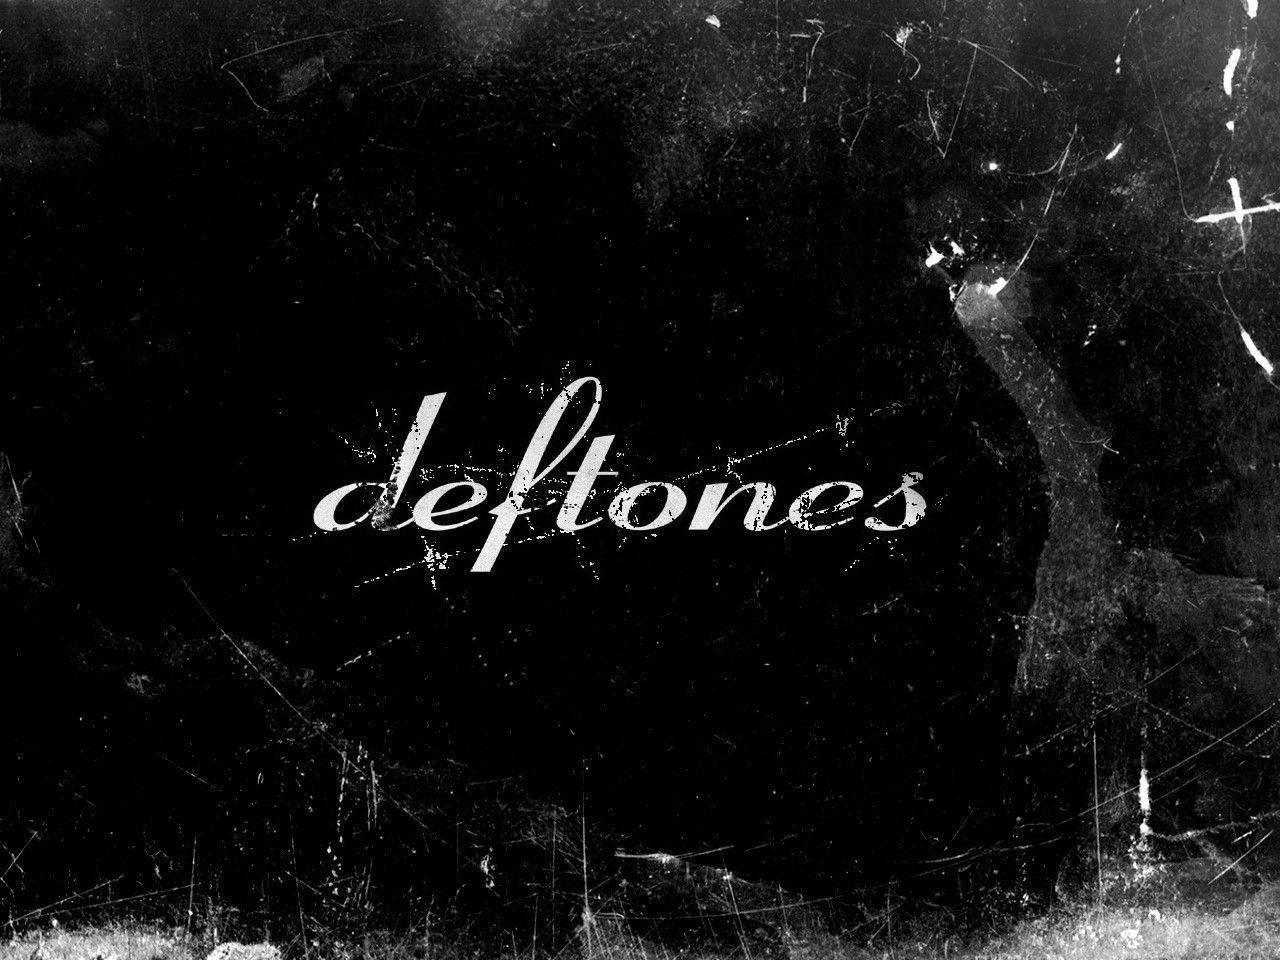 Deftones Wallpapers 1280x960